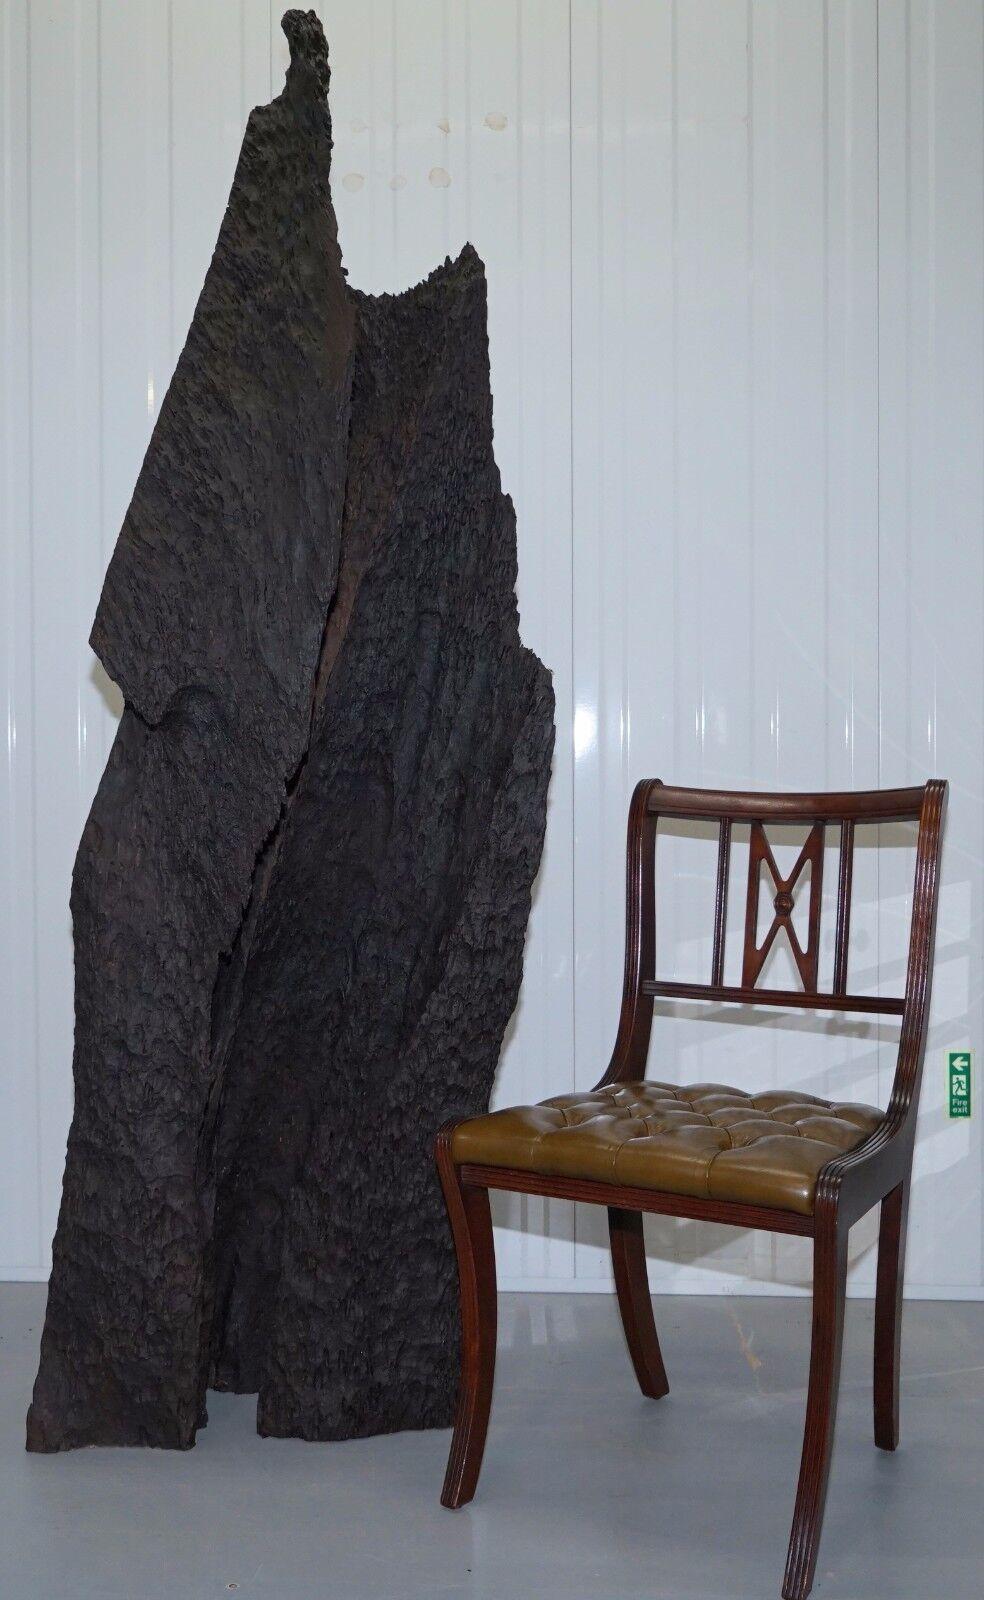 SPLENDIDA GRANDE DERIVA naturali LEGNO ARTE scultura pezzo splendido bella patina